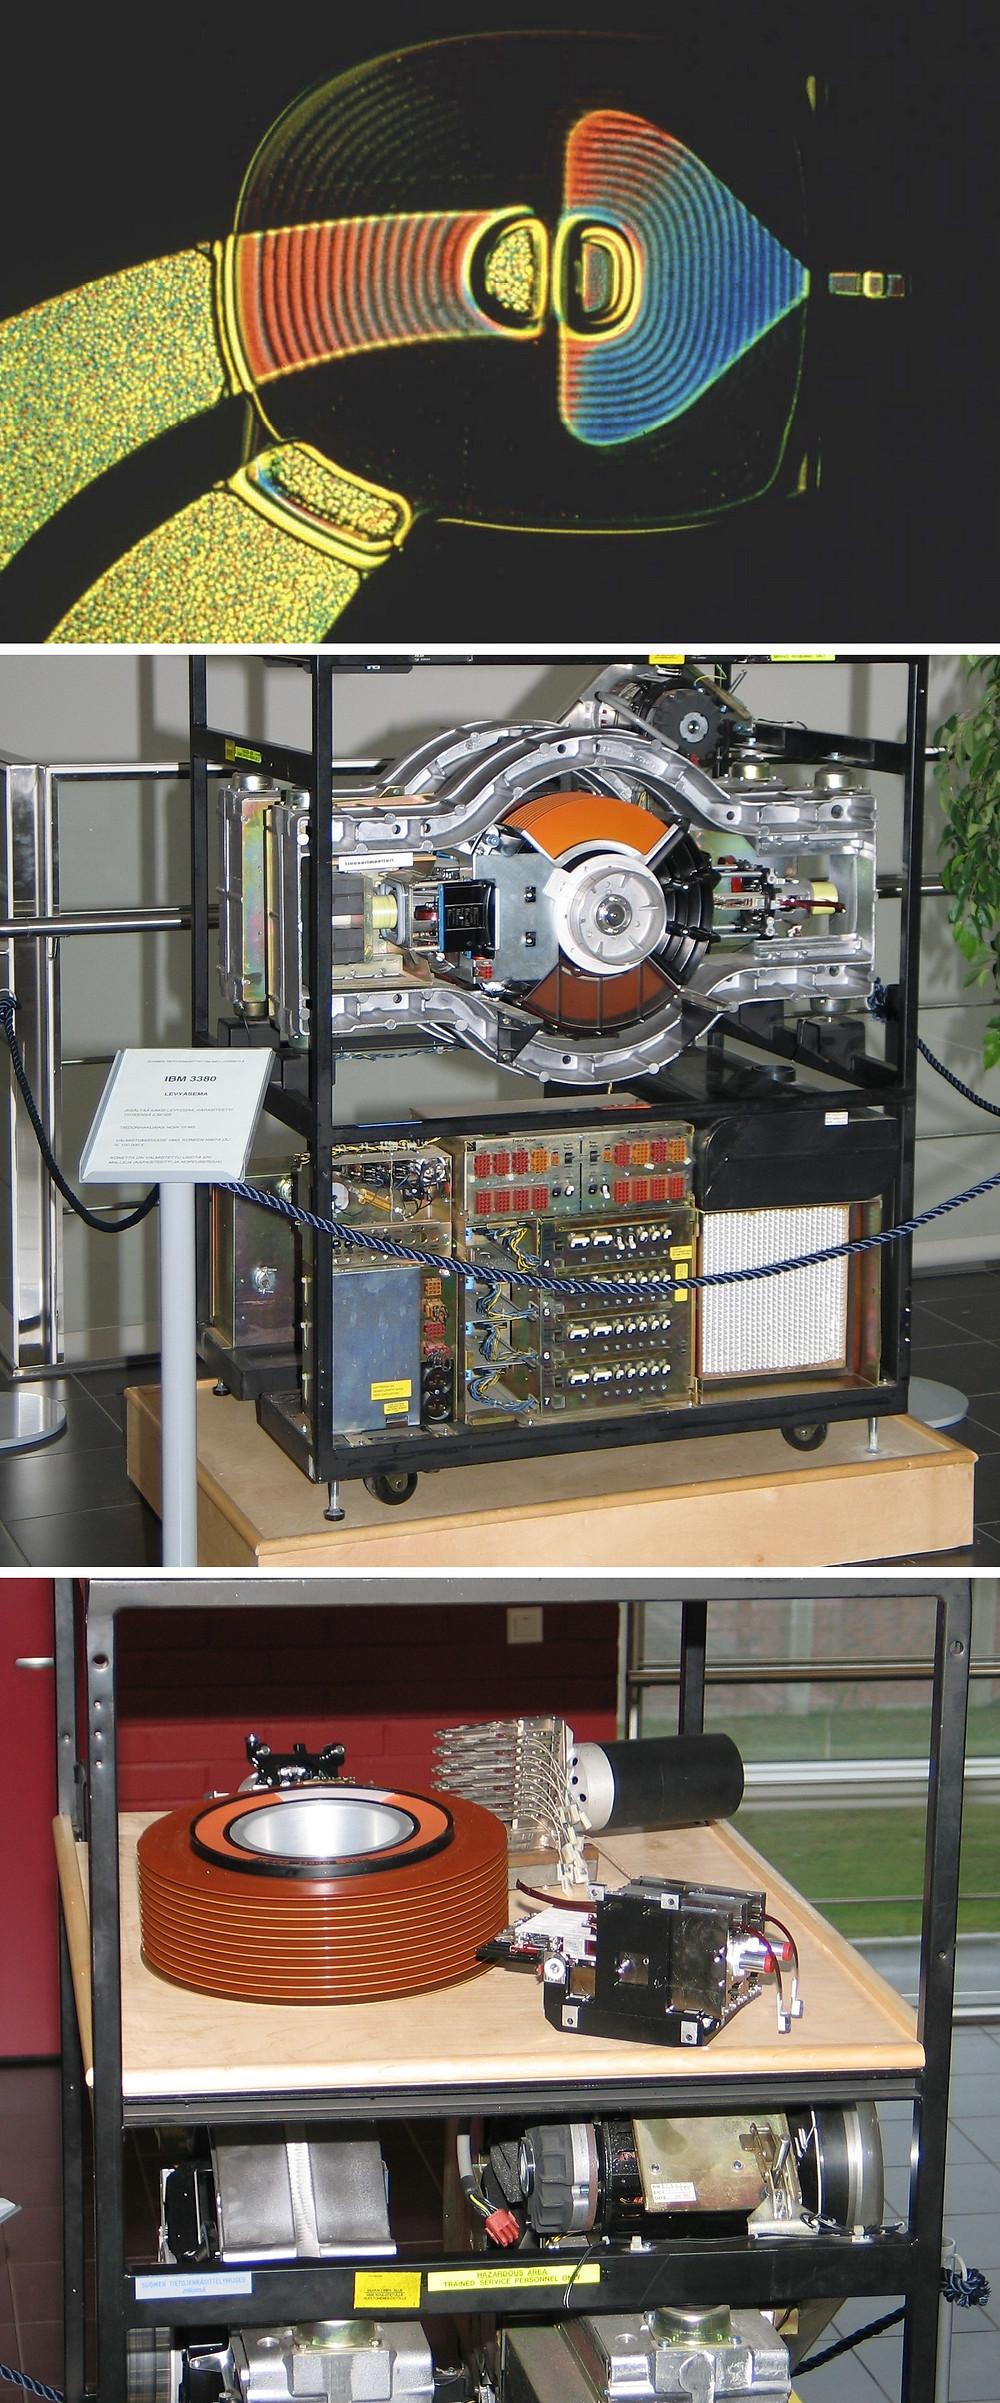 Cuộn dây đồng màng mỏng (trên cùng) được sử dụng trên đầu đọc/ghi của ổ cứng IBM 3380 (giữa). Ngăn phía trên HDD này (dưới cùng) là bộ đĩa di động và các đầu đọc/ghi khác nhau đã được tháo rời.